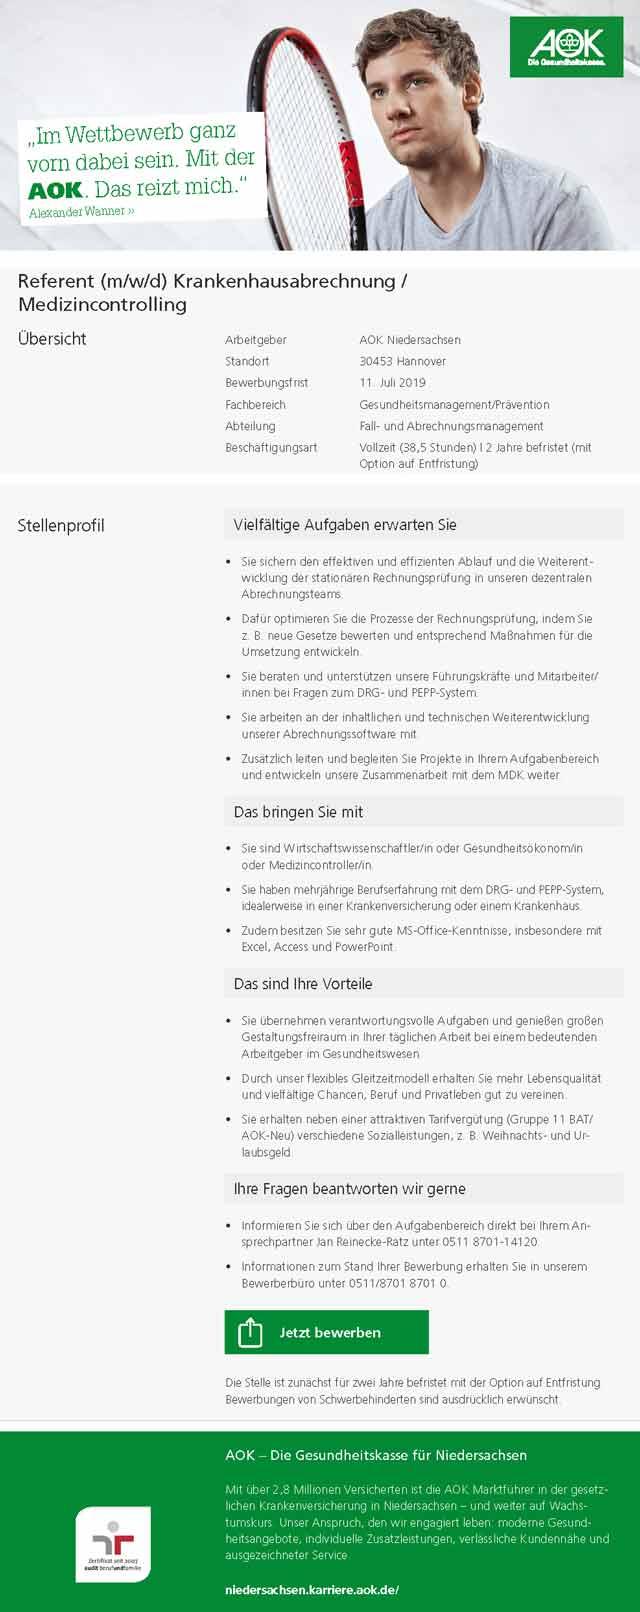 AOK Niedersachsen: Referent Krankenhausabrechnung / Medizincontrolling (m/w/d)